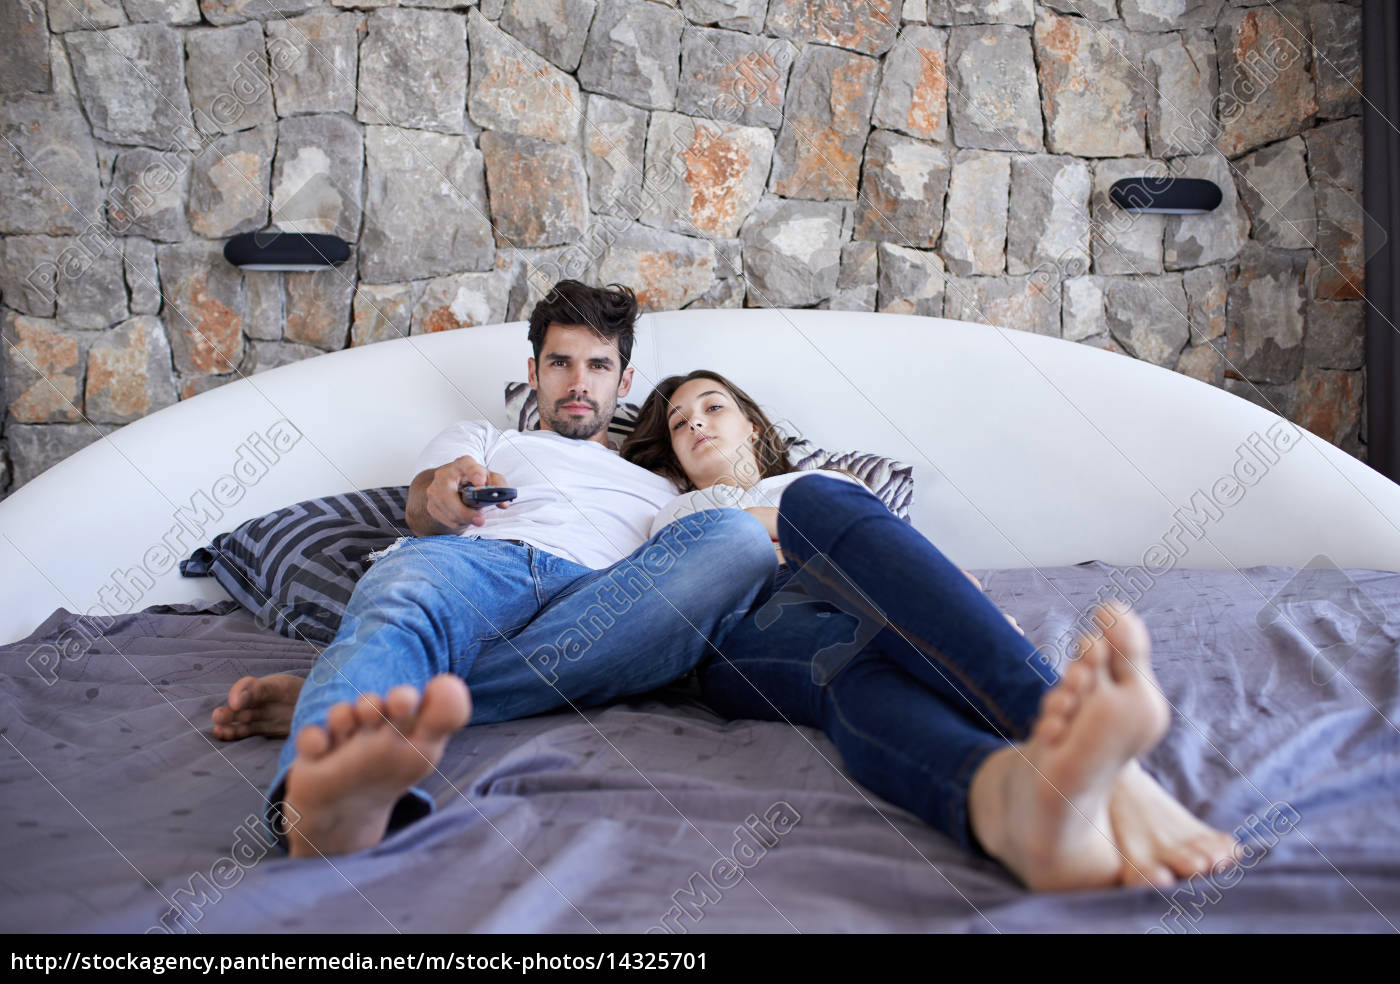 paar entspannen und spaß im bett - Lizenzfreies Bild - #14325701 ...